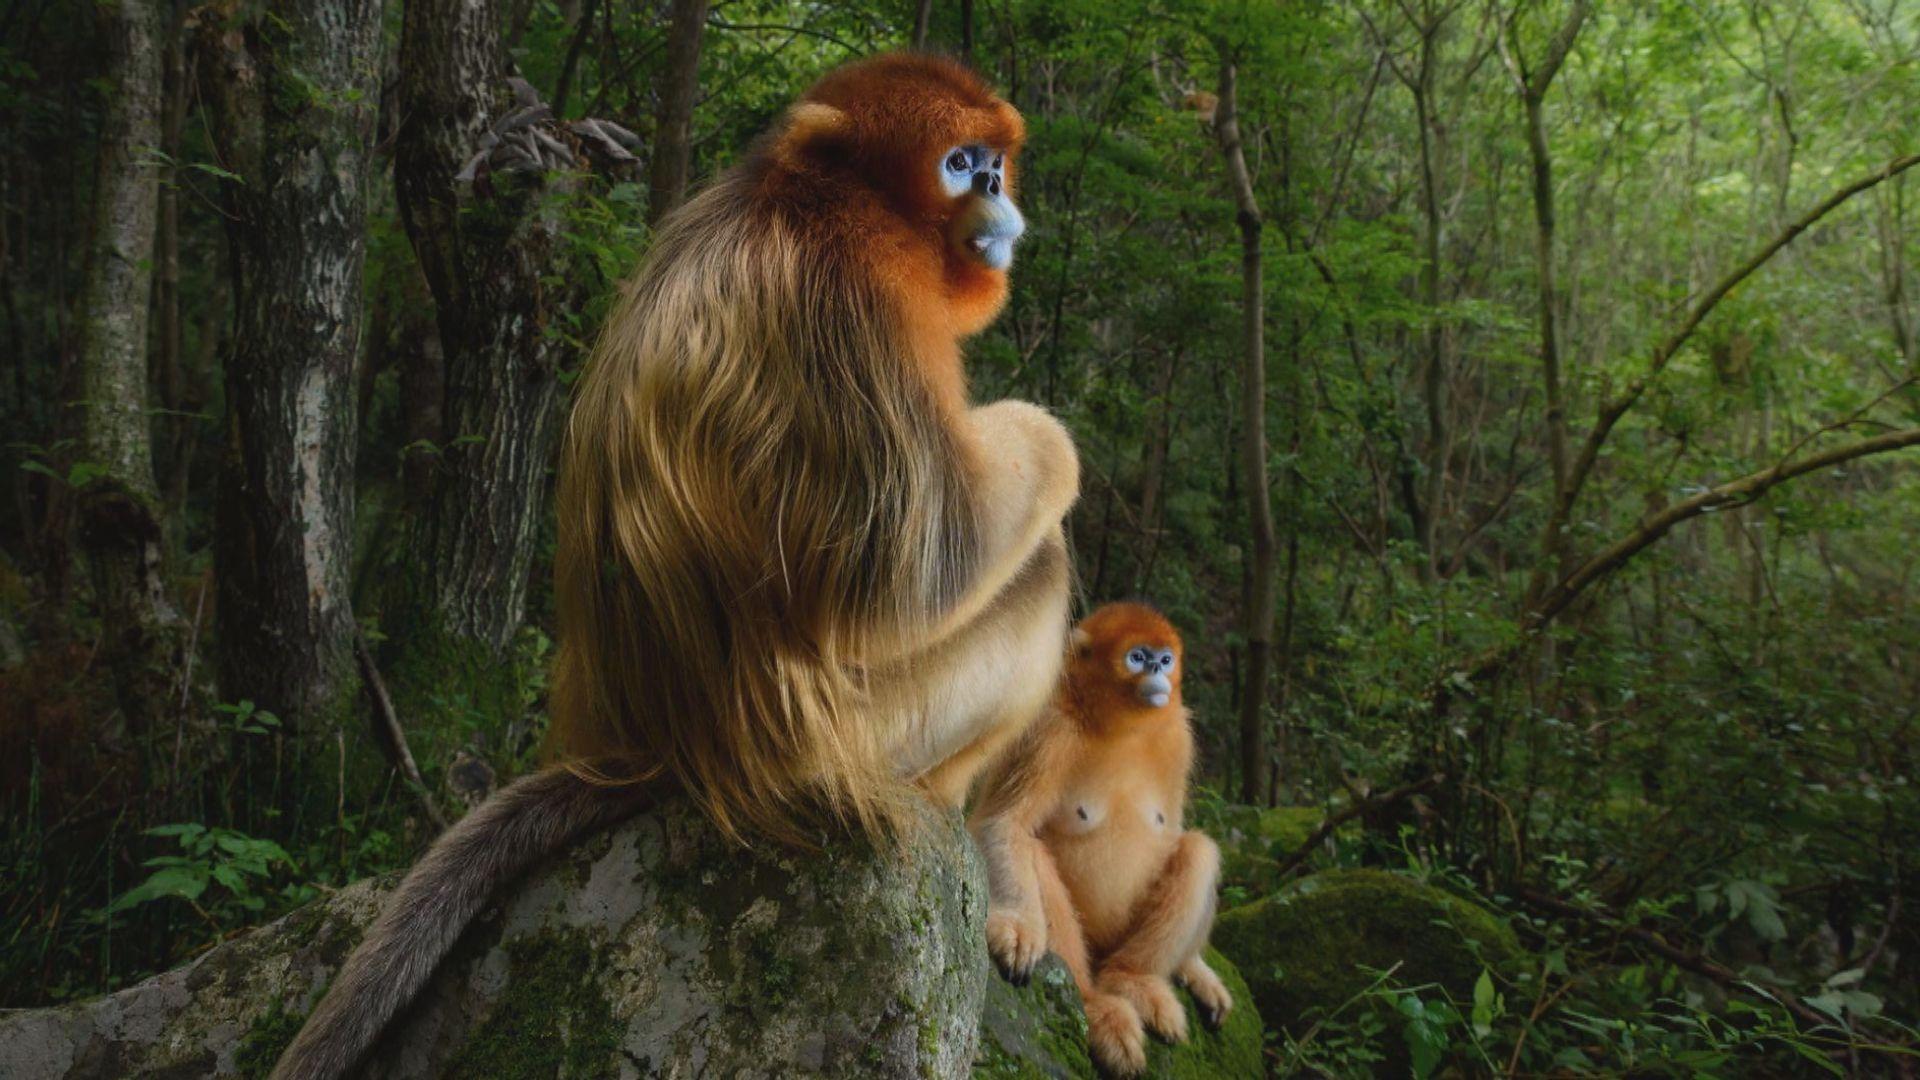 野生動物攝影師大賽得獎名單公布